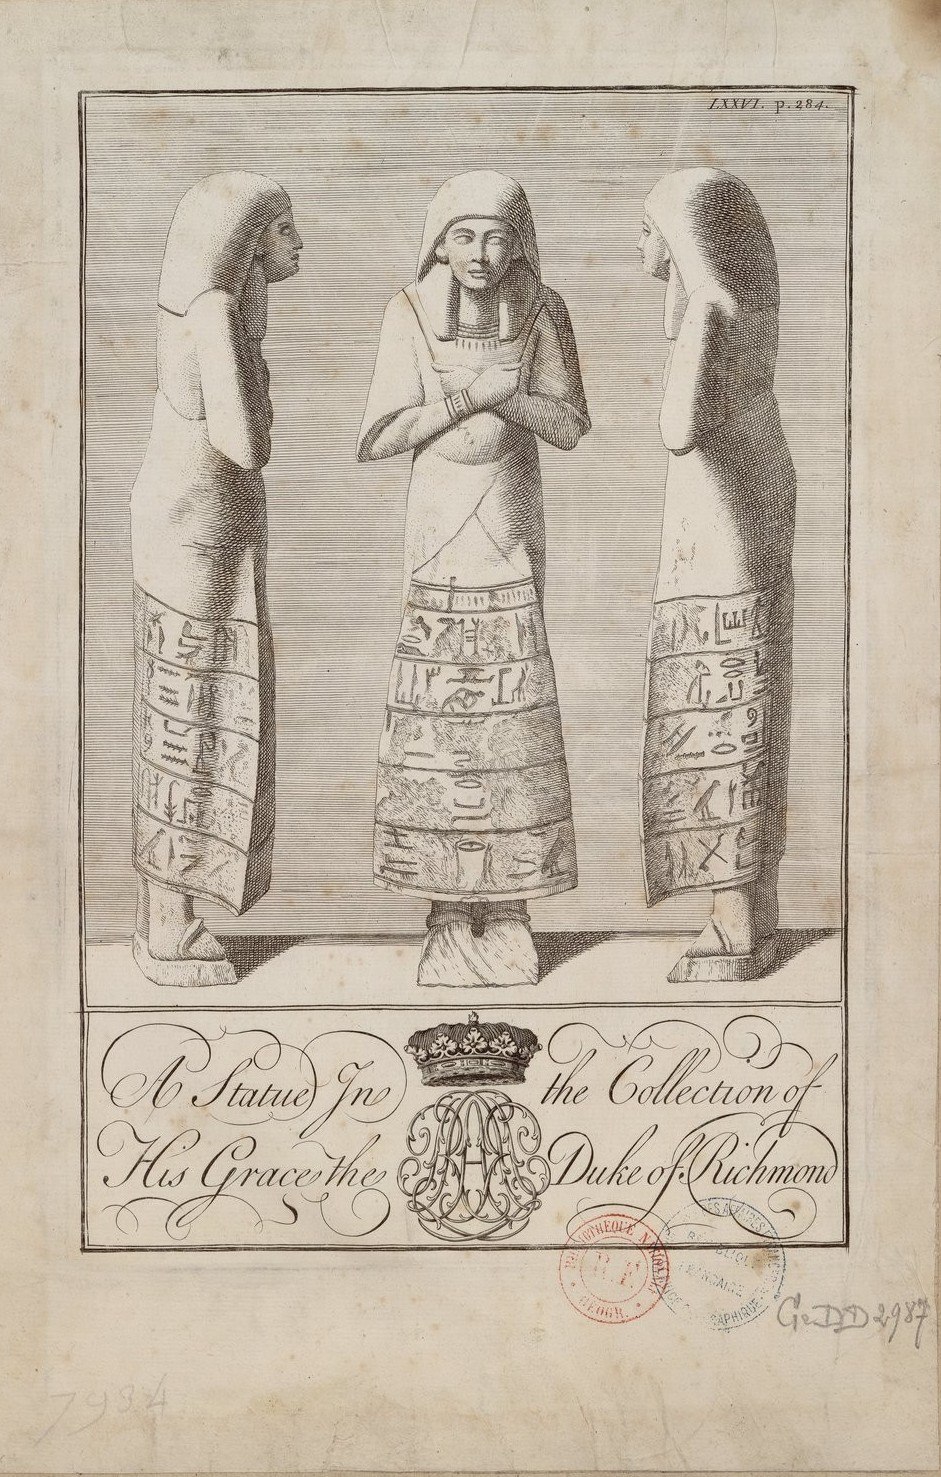 Статуя из коллекции принца Чарльза, герцога Ричмонда